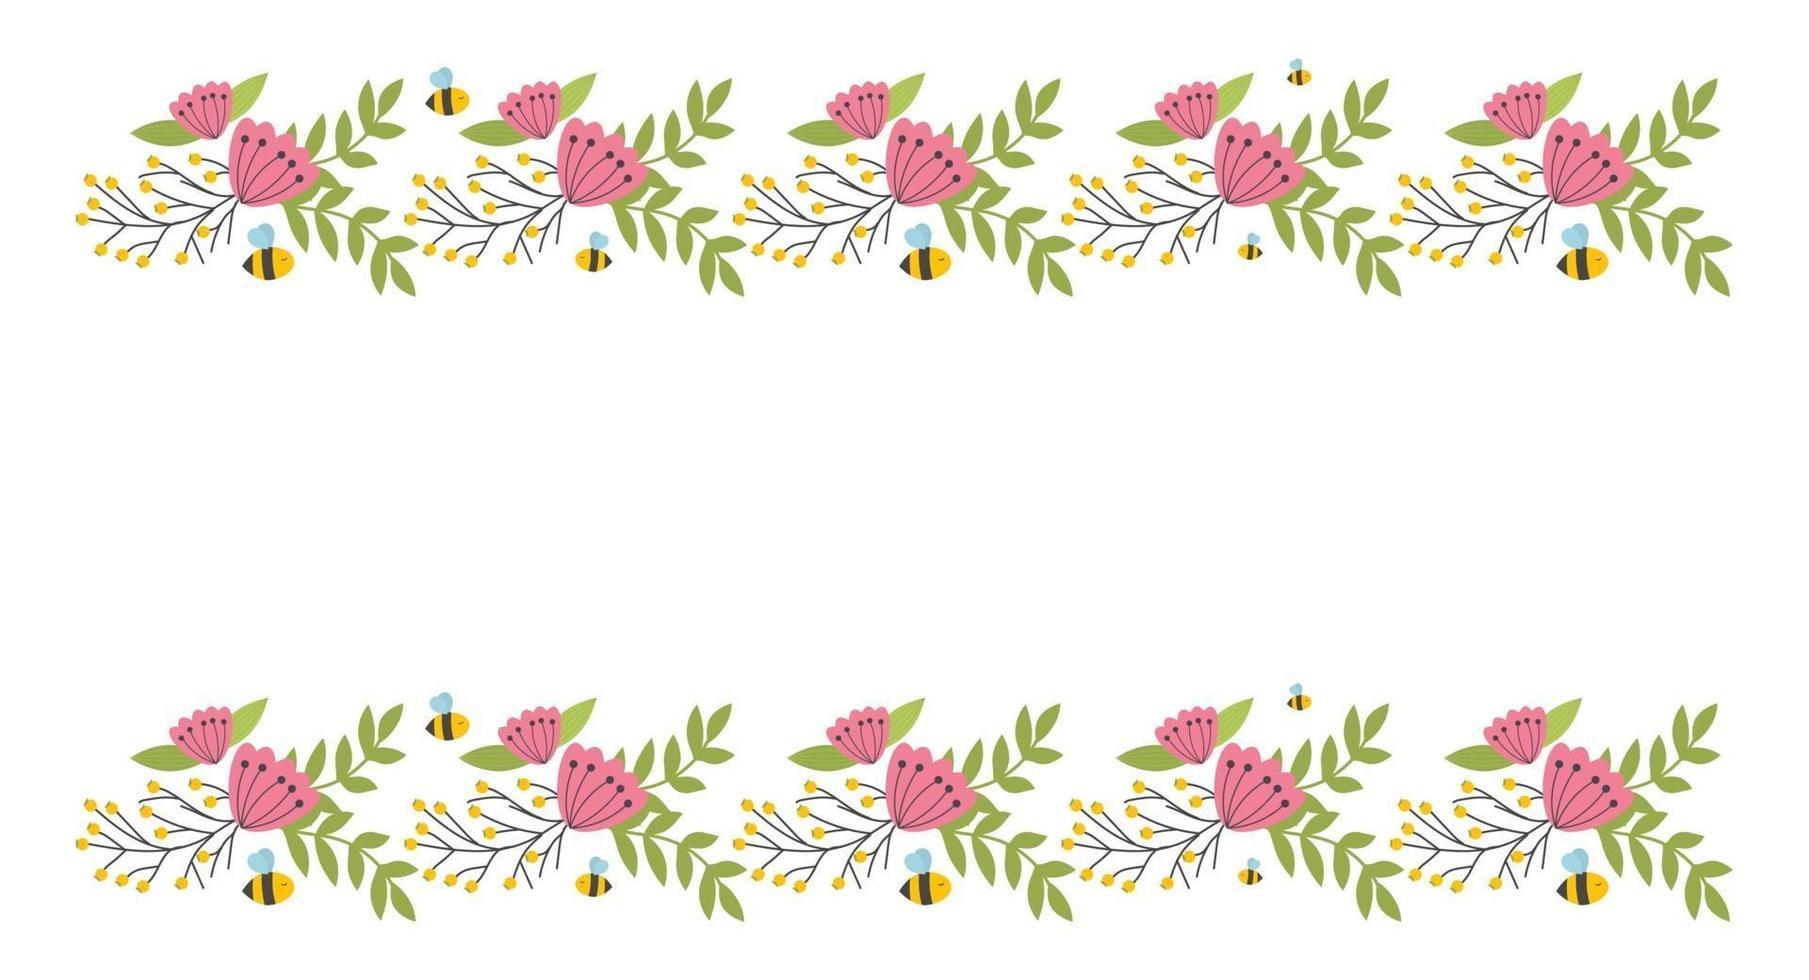 blommig kantelement. botanisk blomvacker vårram vektor